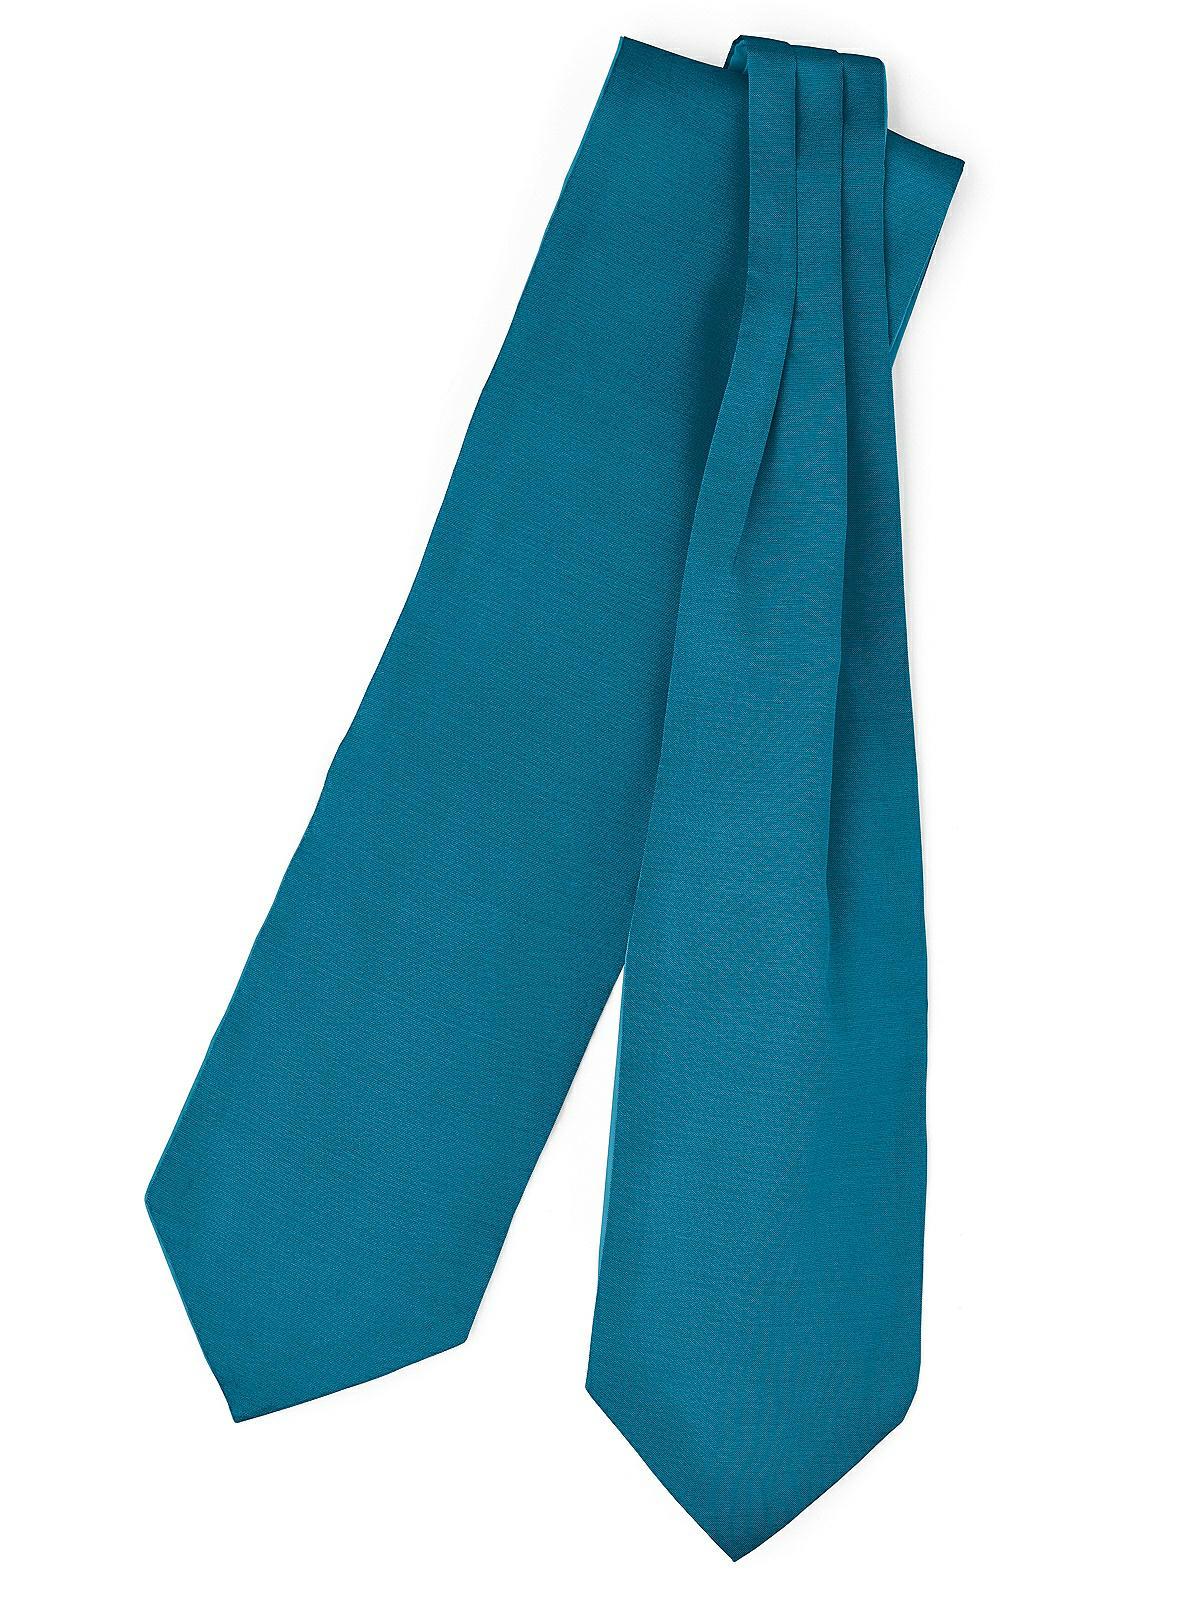 Atlantis Boys 14 Peau De Soie Zip Tie Necktie in Custom Colors by Dessy